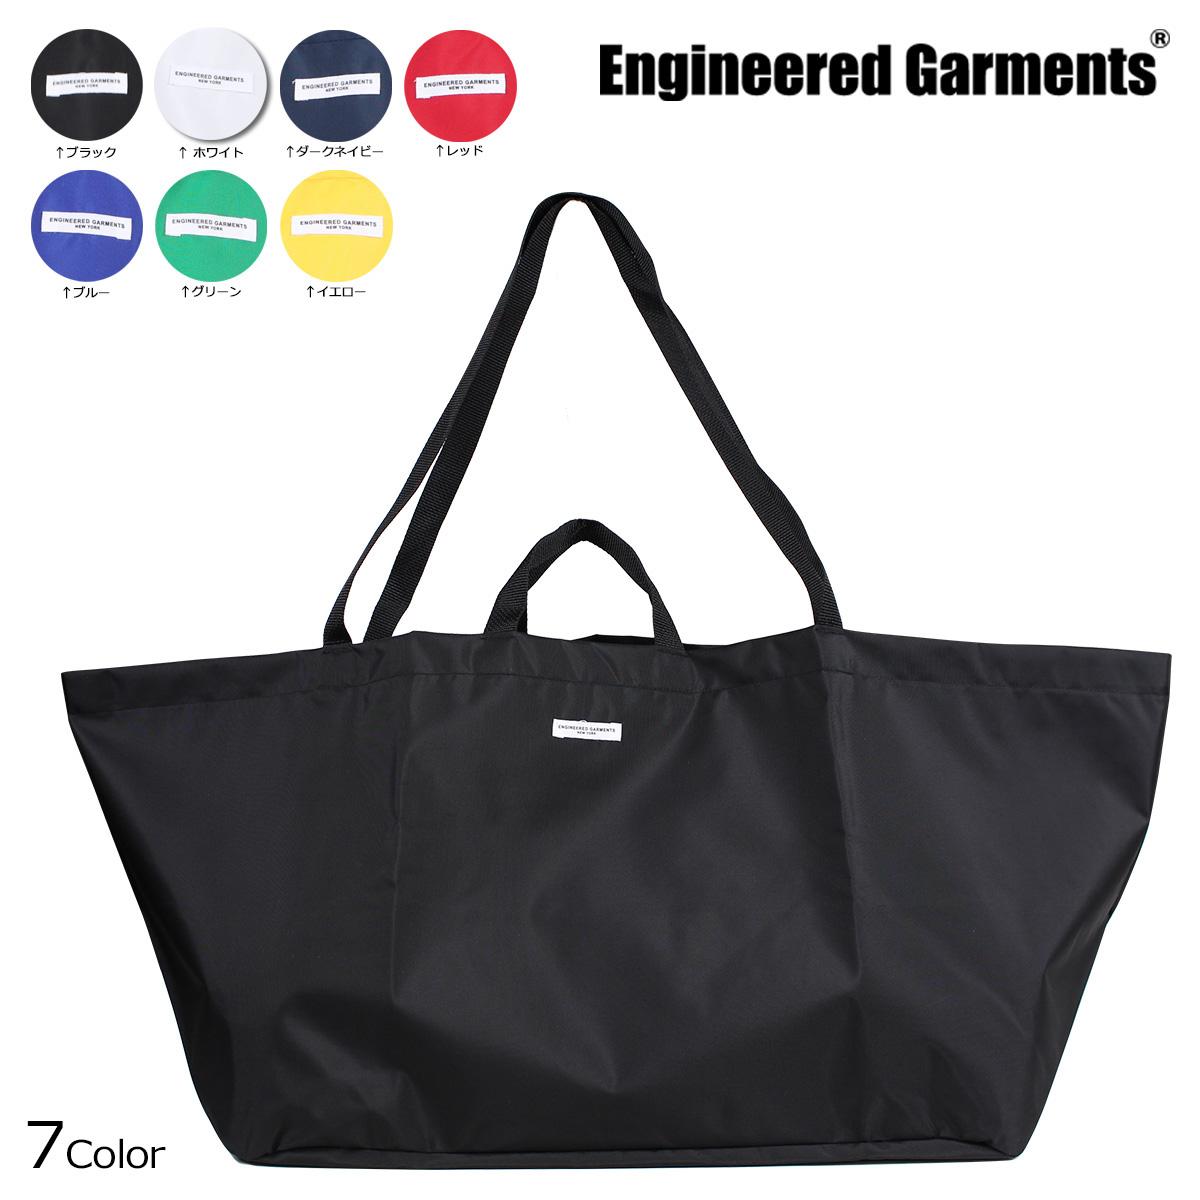 ENGINEERED GARMENTS エンジニアドガーメンツ バッグ メンズ レディース トートバッグ ショルダー WEEKEND BAG